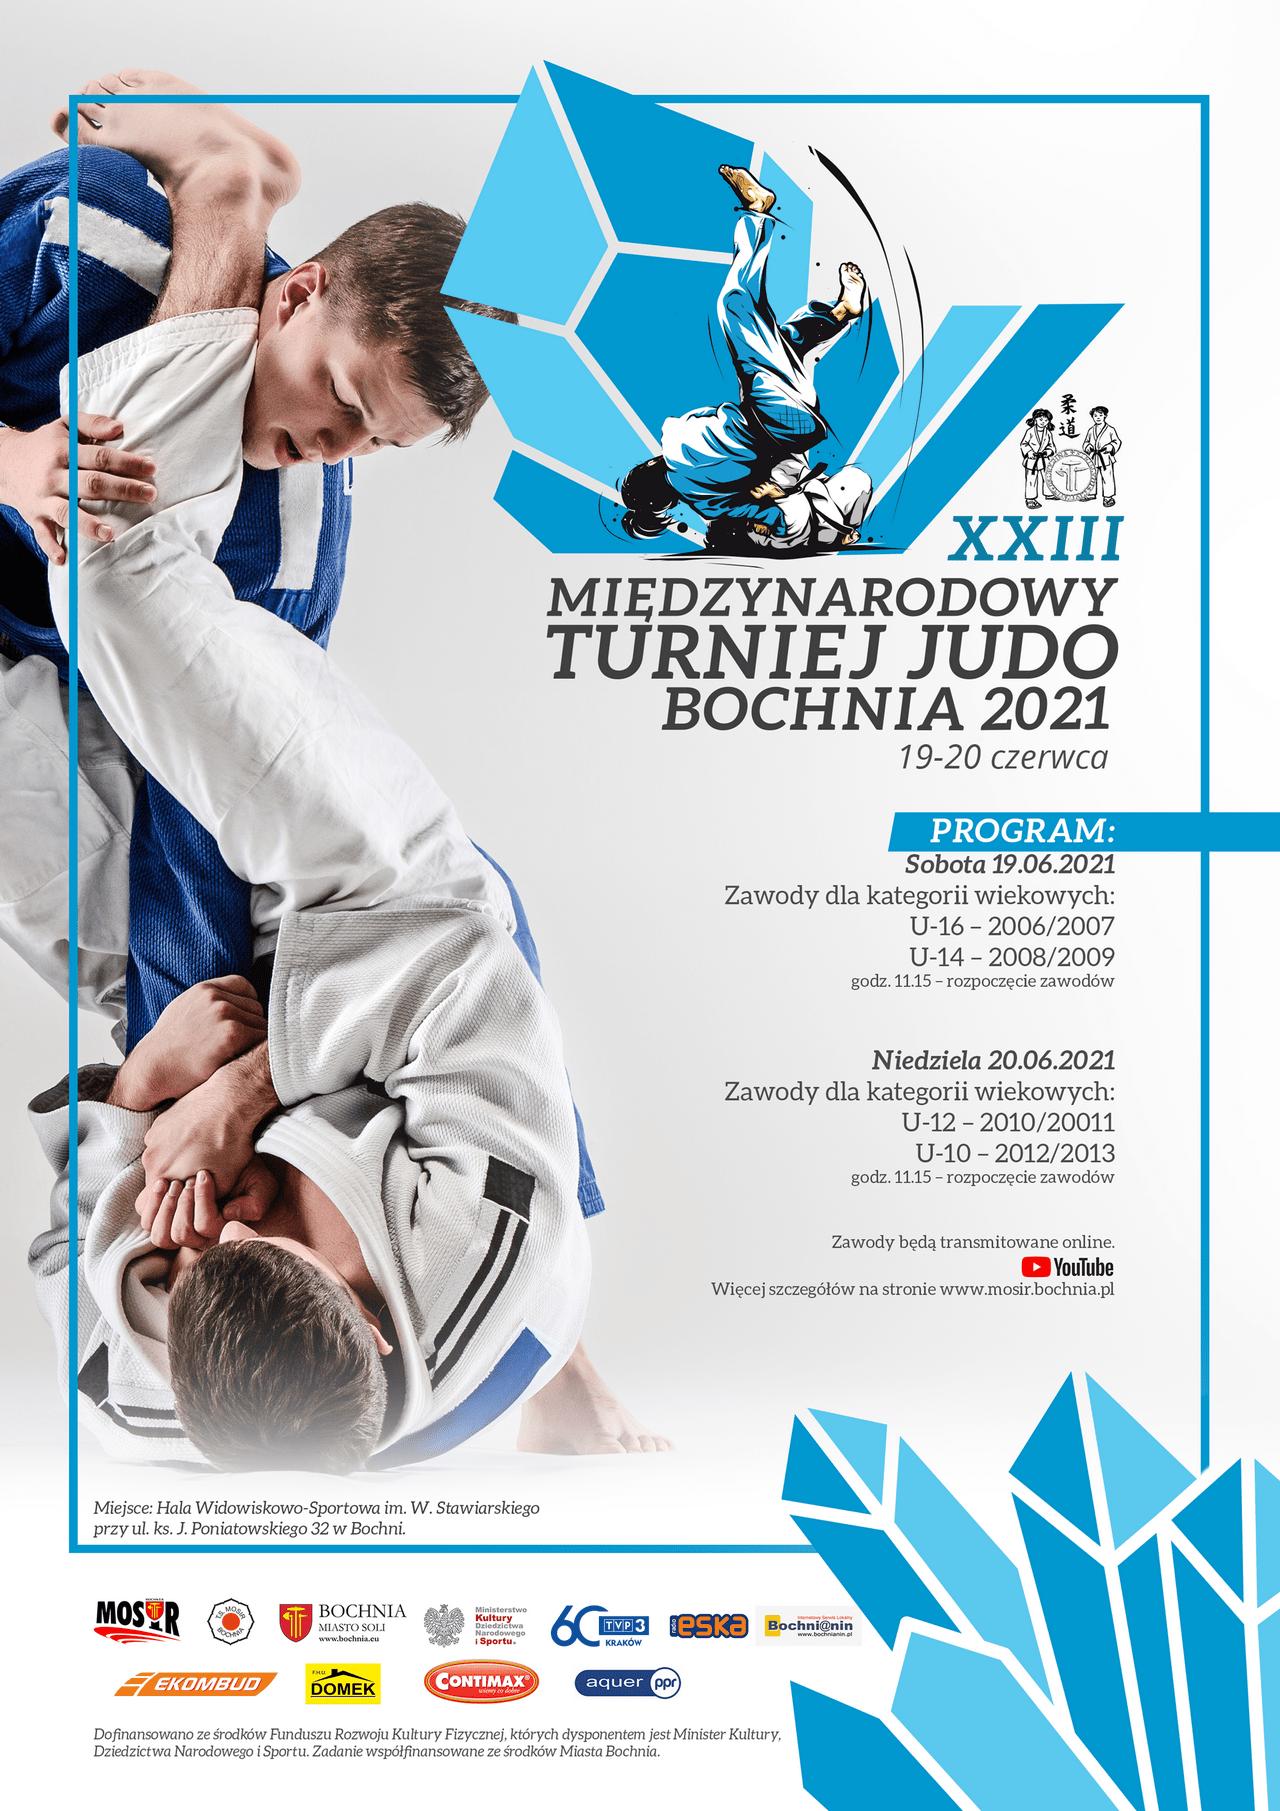 Plakat XXIII Międz. Turn. Judo 19-20.06.2021